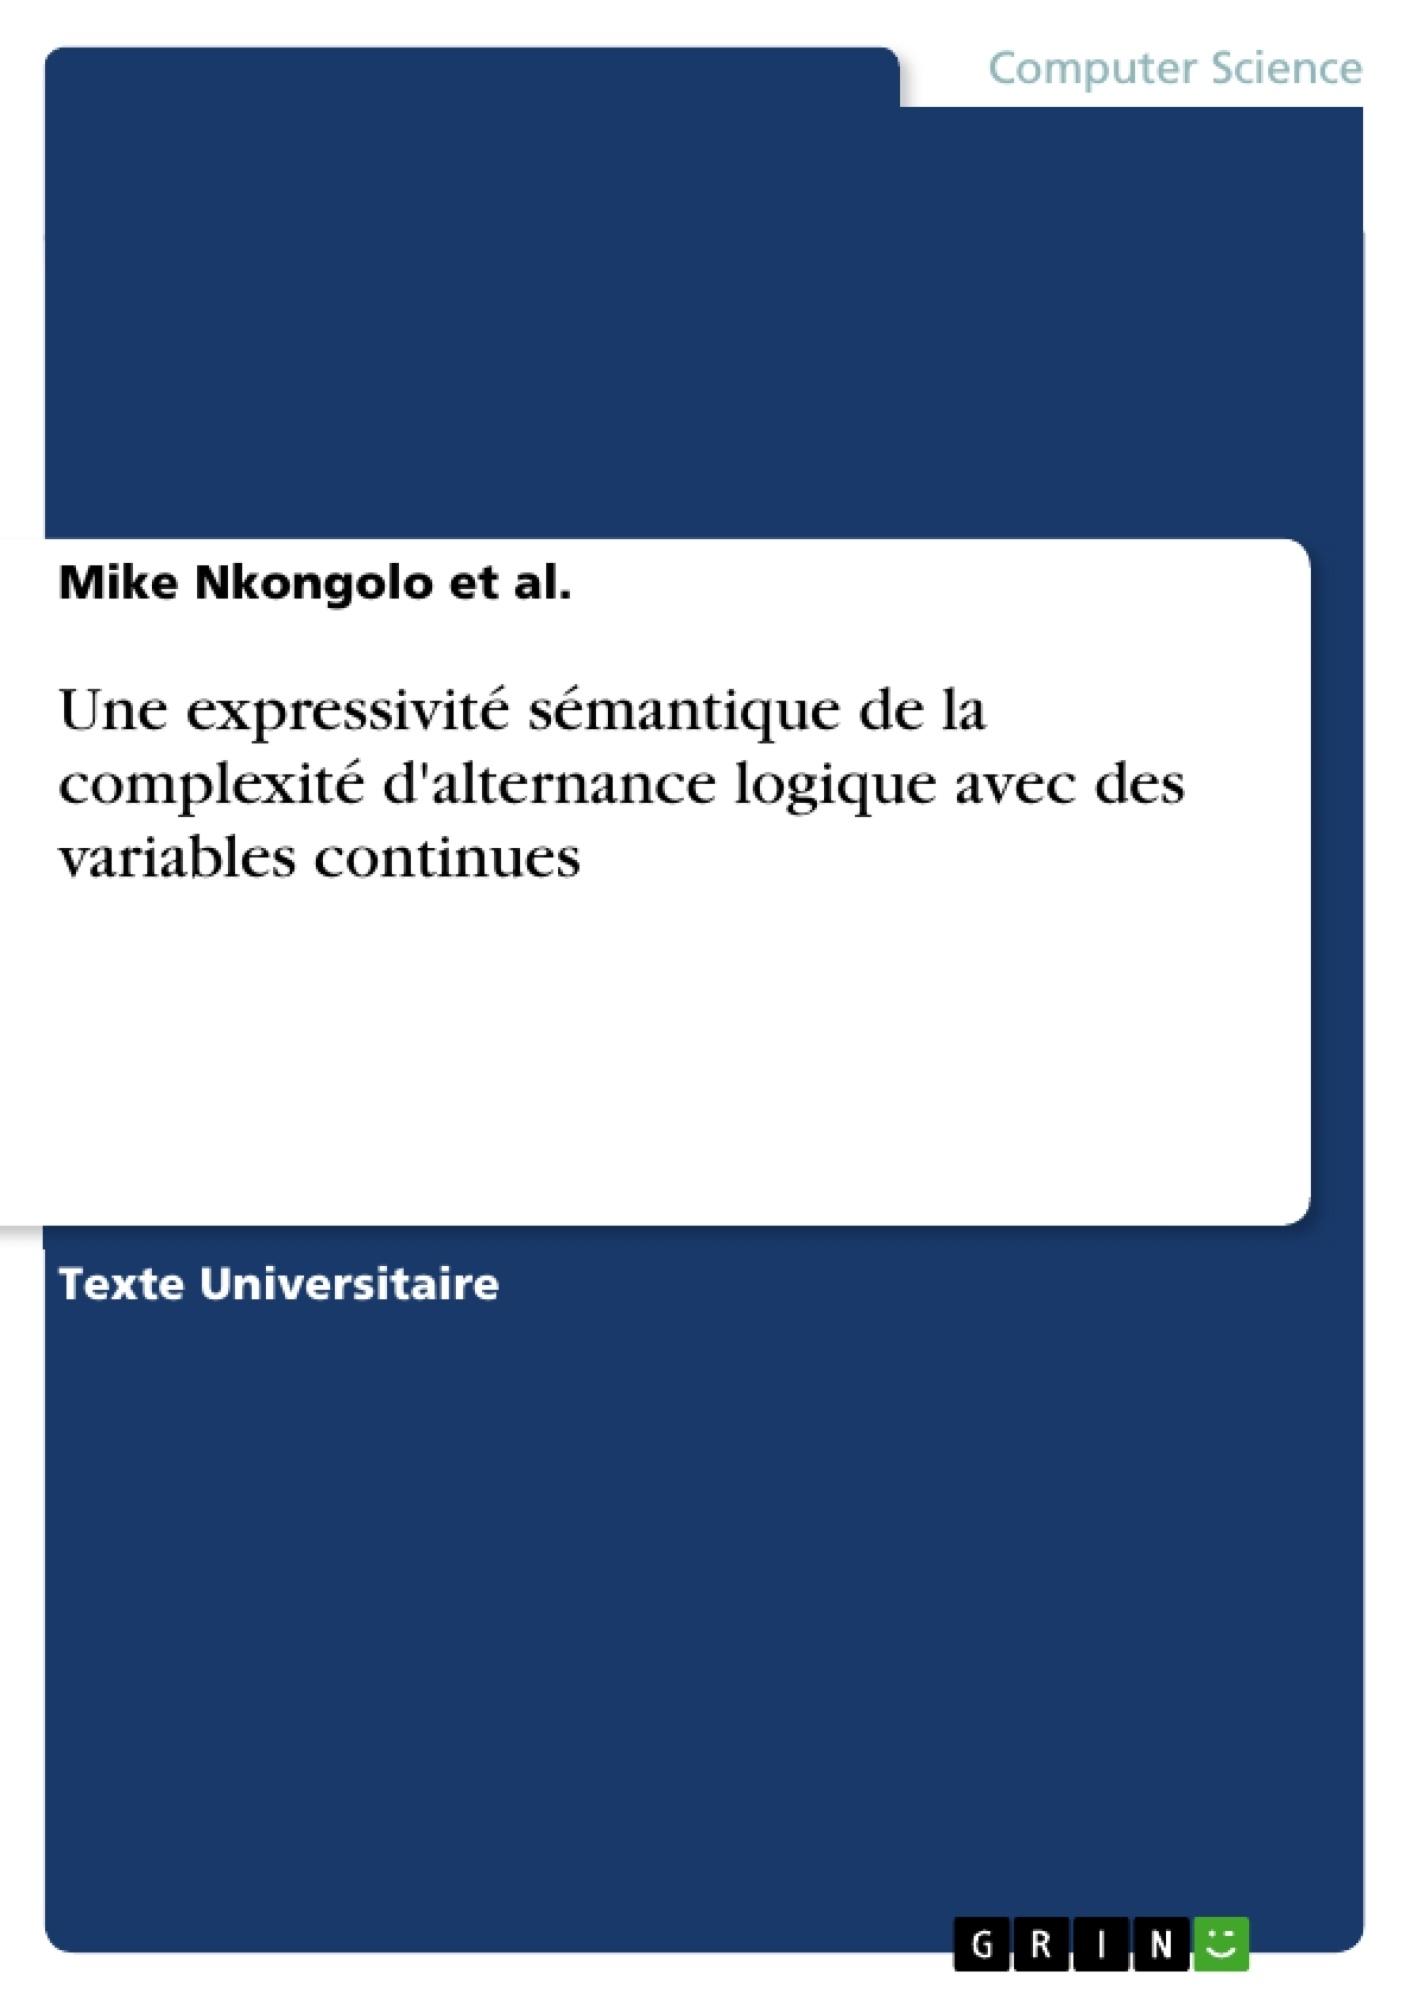 Titre: Une expressivité sémantique de la complexité d'alternance logique avec des variables continues